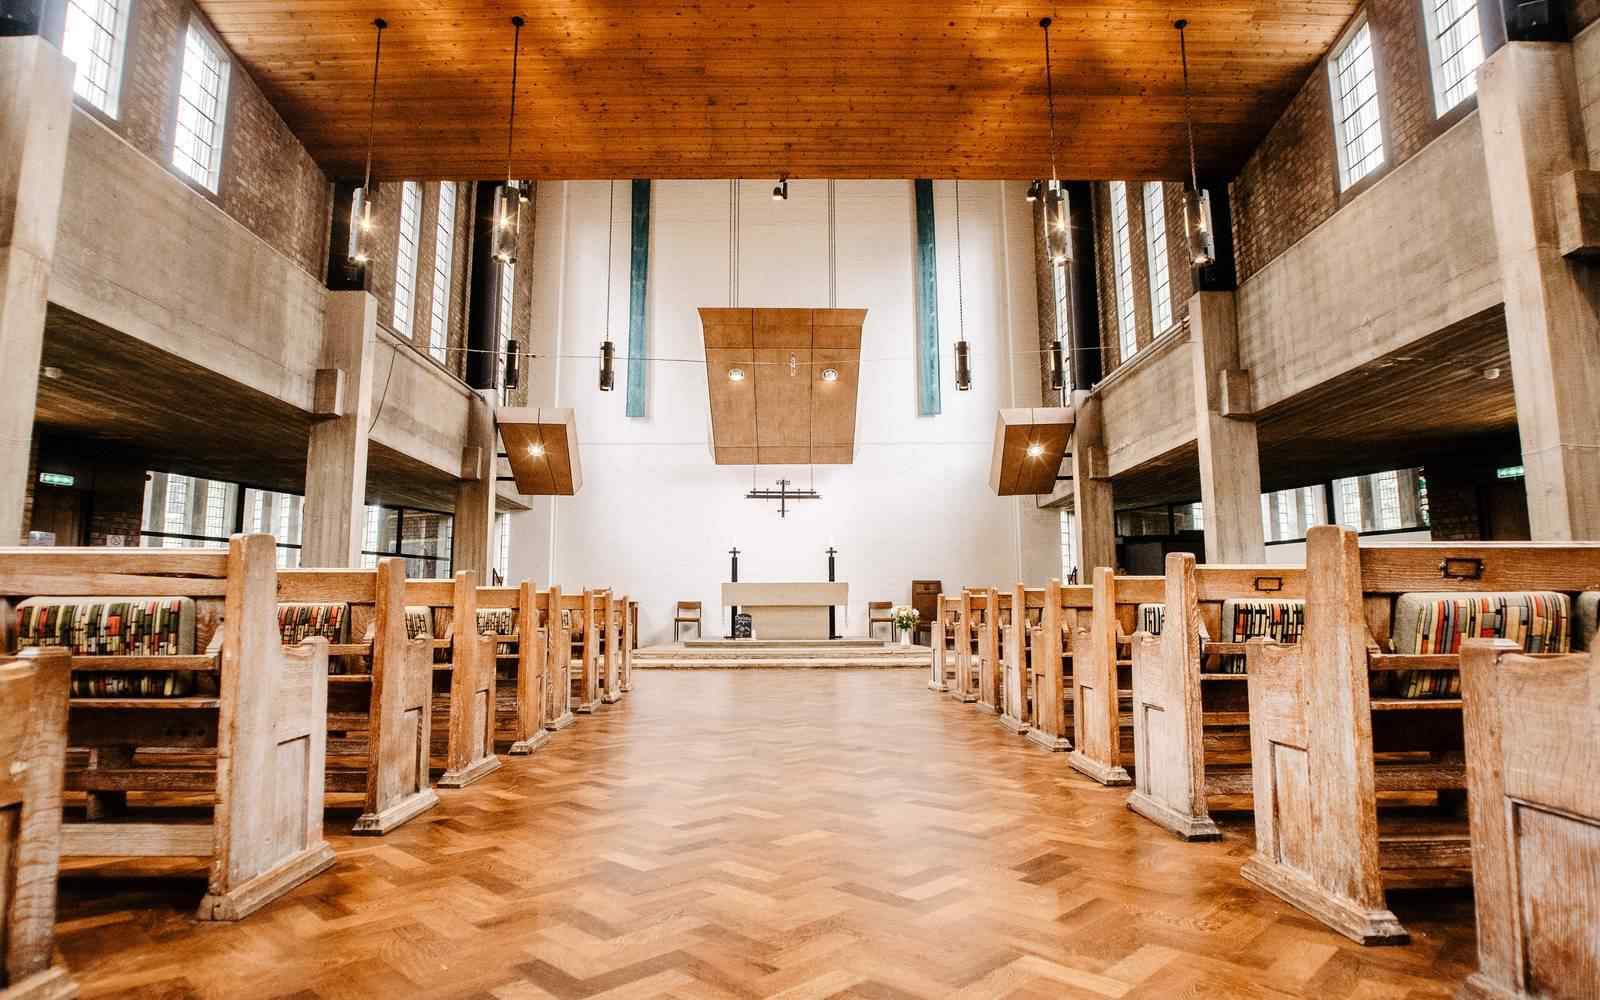 A view up the aisle inside a modern church